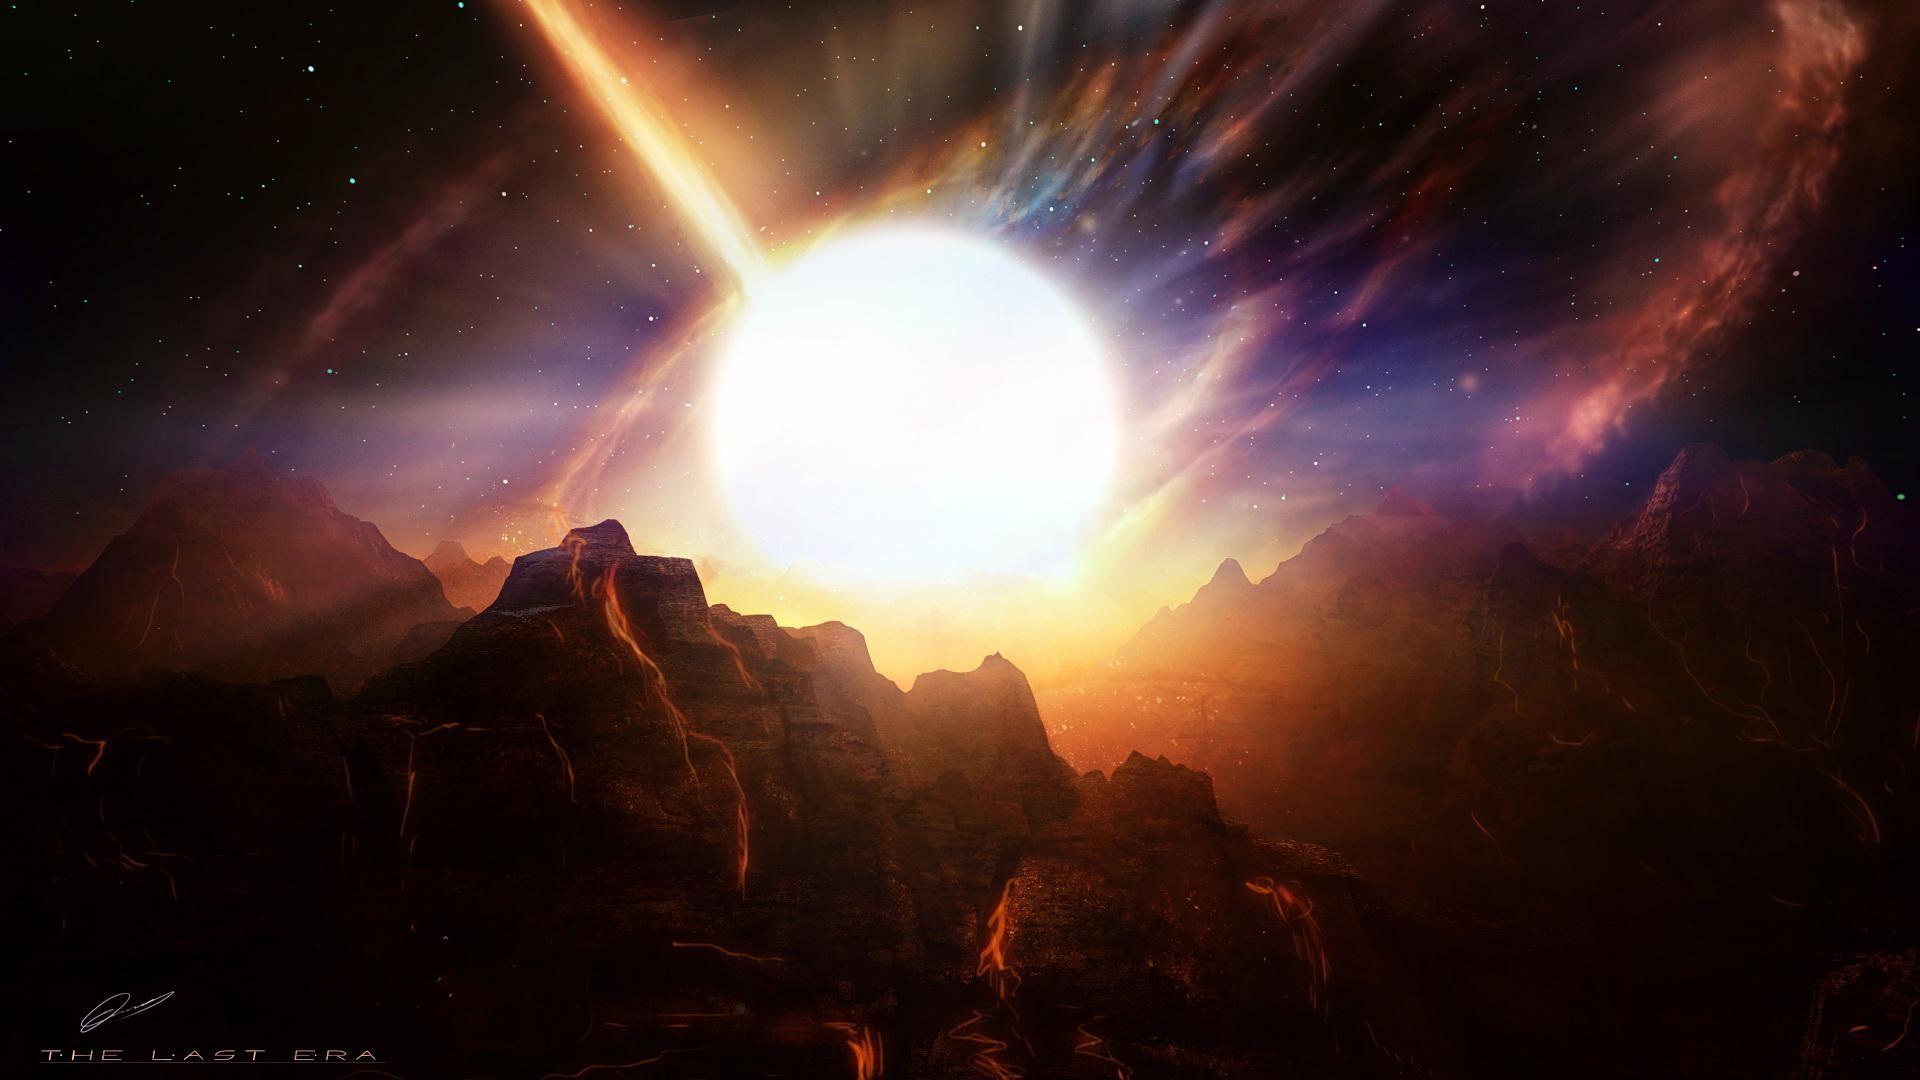 alien Landscapes | Alien Landscape Planet Stars Starlight Mountains Art For  Mobile